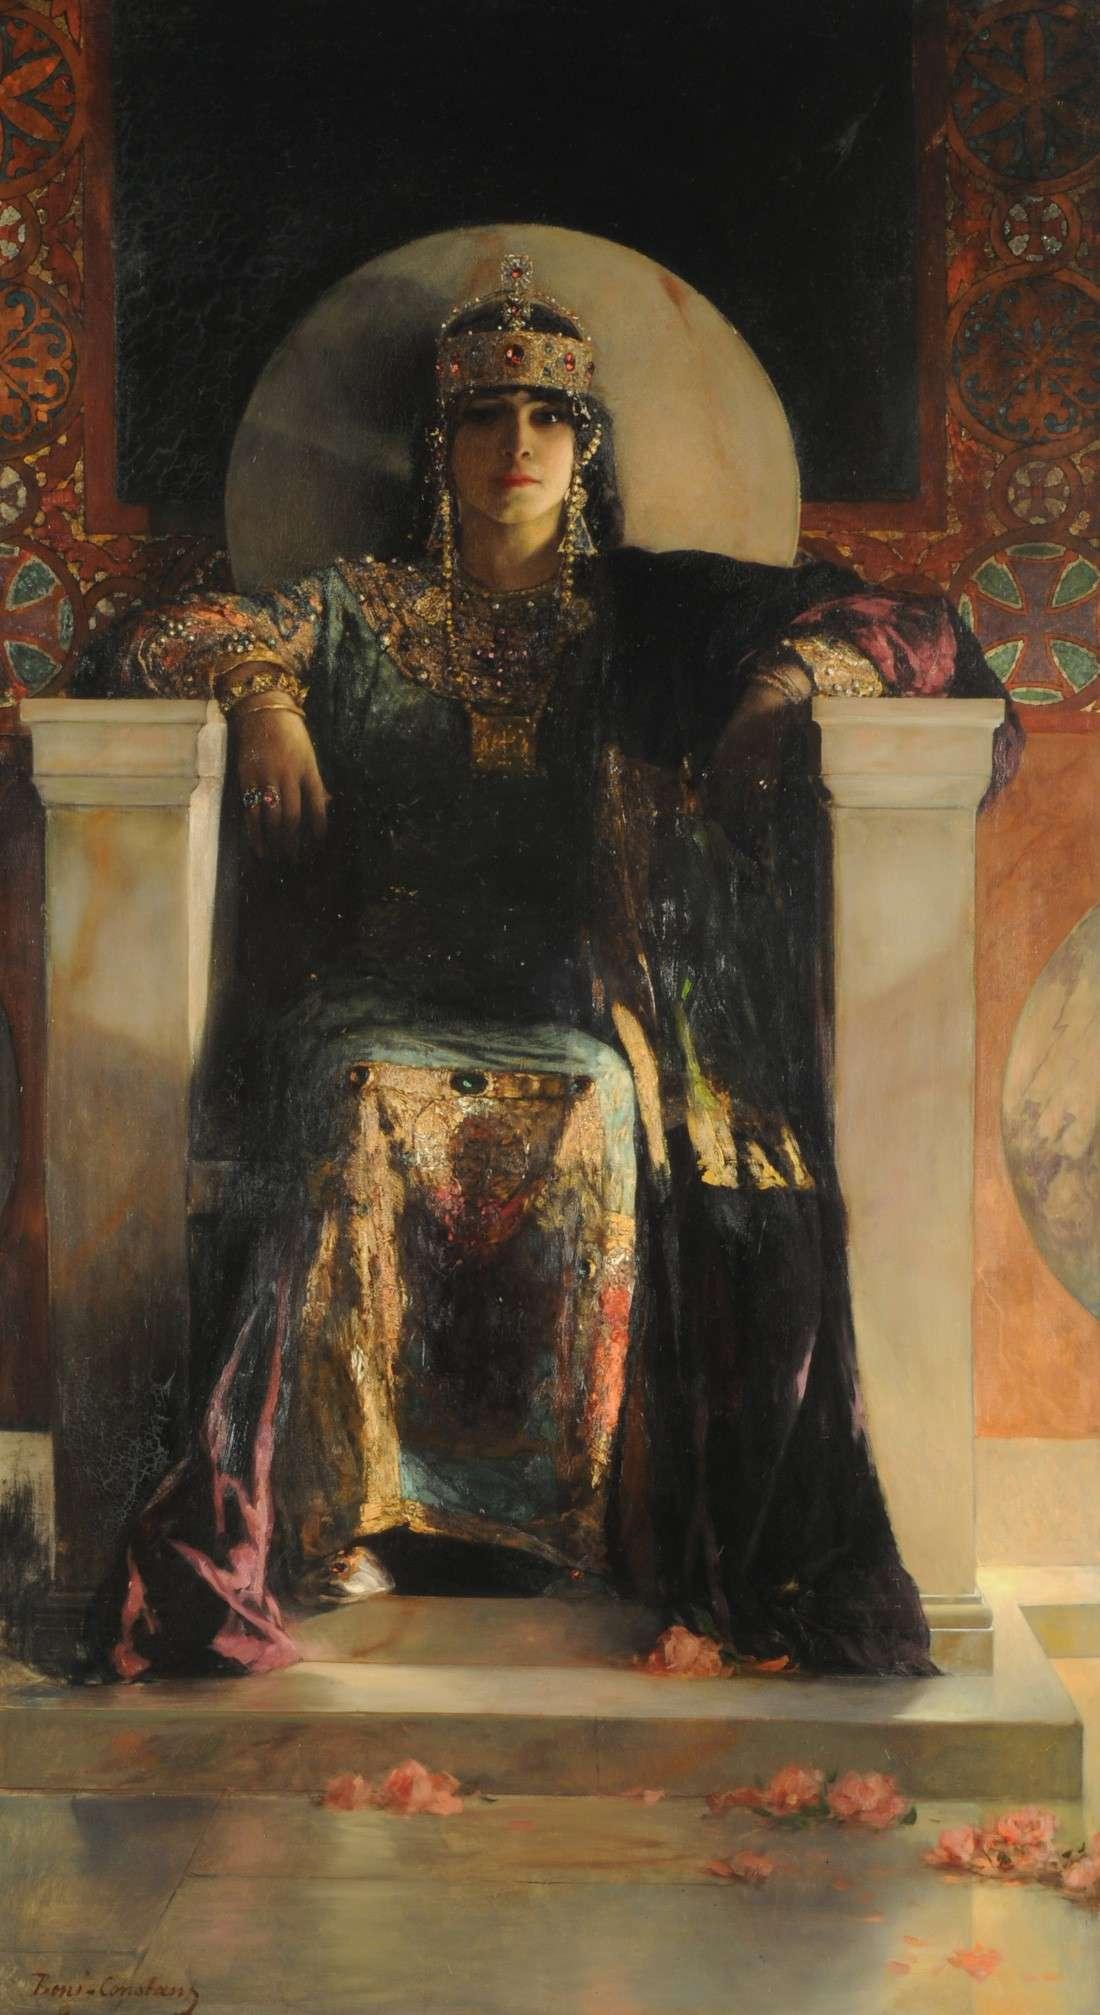 Η αυτοκράτειρα Θεοδώρα σε πίνακα ζωγραφικής (1887). Theodora - Jean-Joseph Benjamin